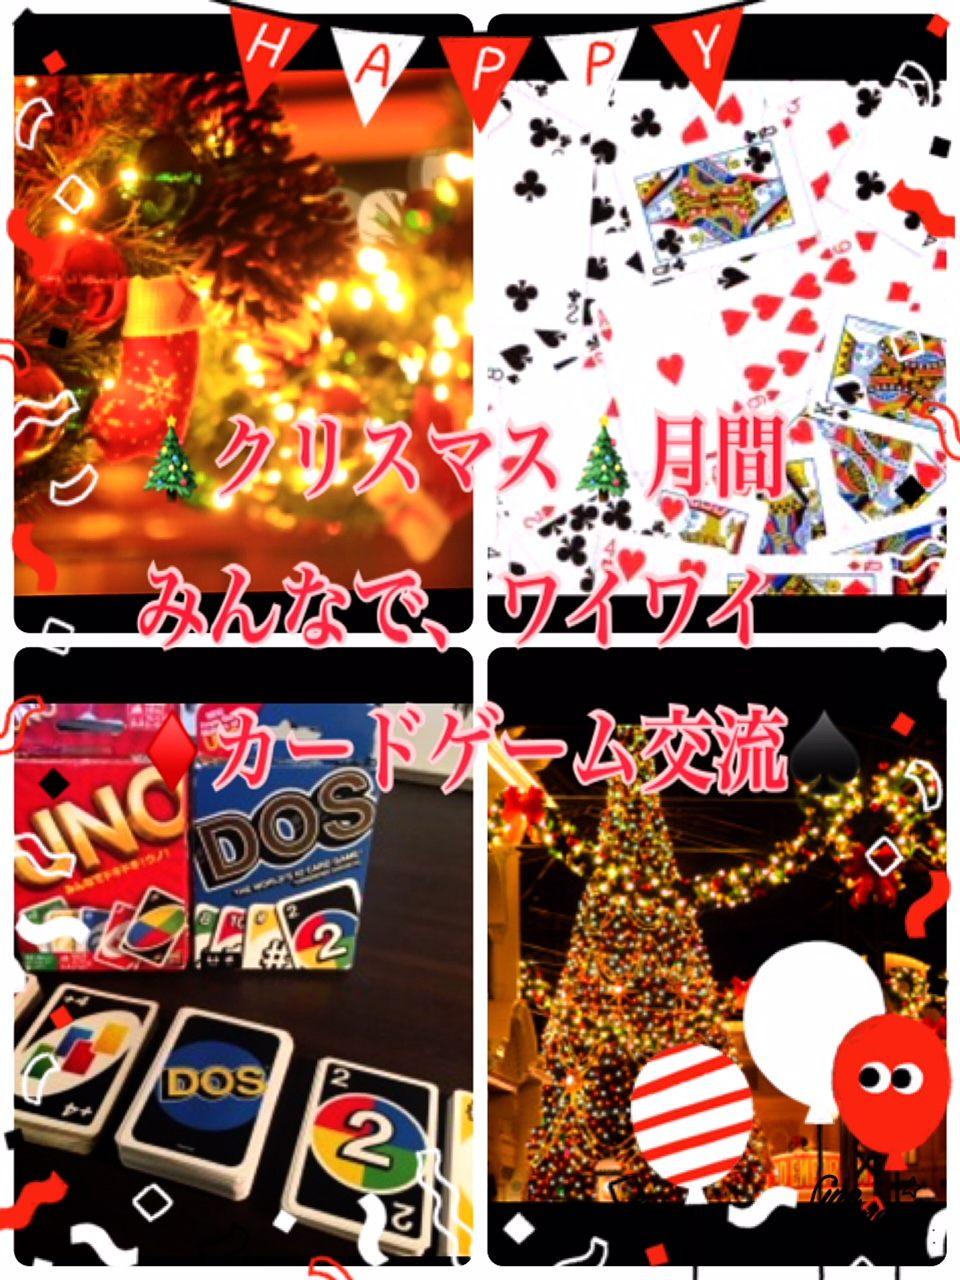 第18回クリスマスシーズン特別開催♪綺麗なホテルでのカードゲーム交流@東京 体に優しい女性に人気のビュッフェ付き